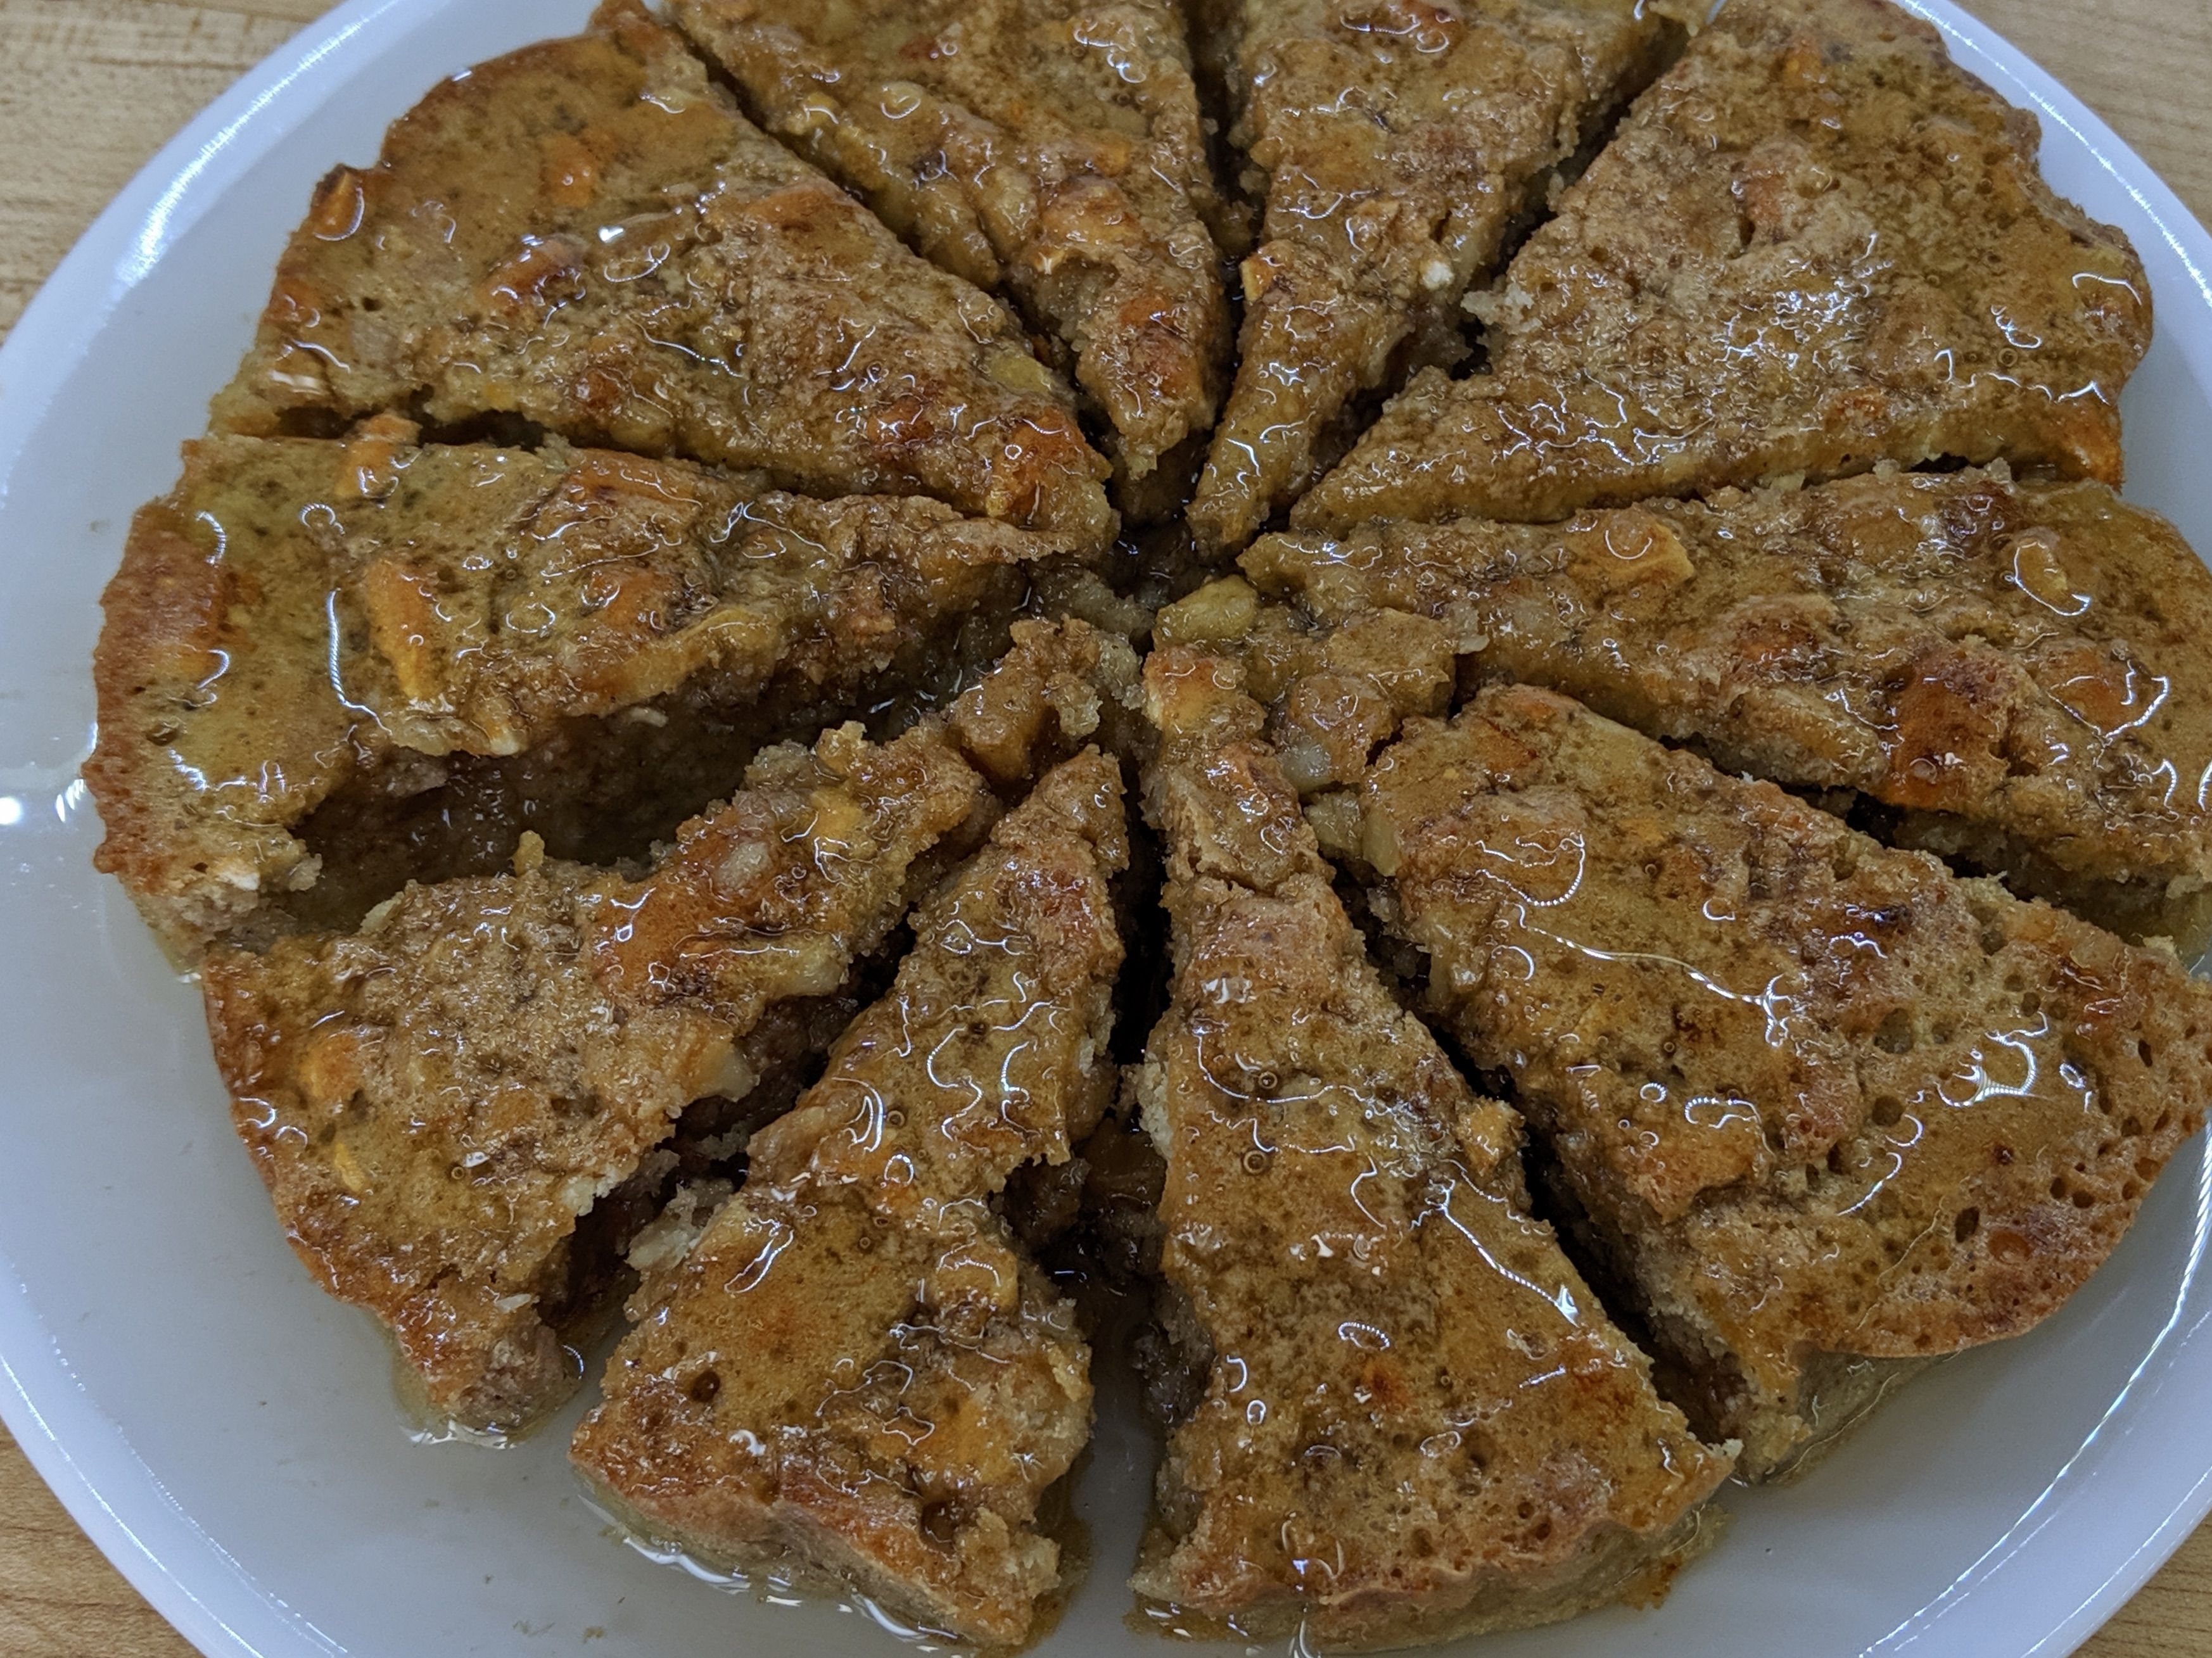 Meal 68 - Tishpishti - Passover Walnut Cake with Syrup